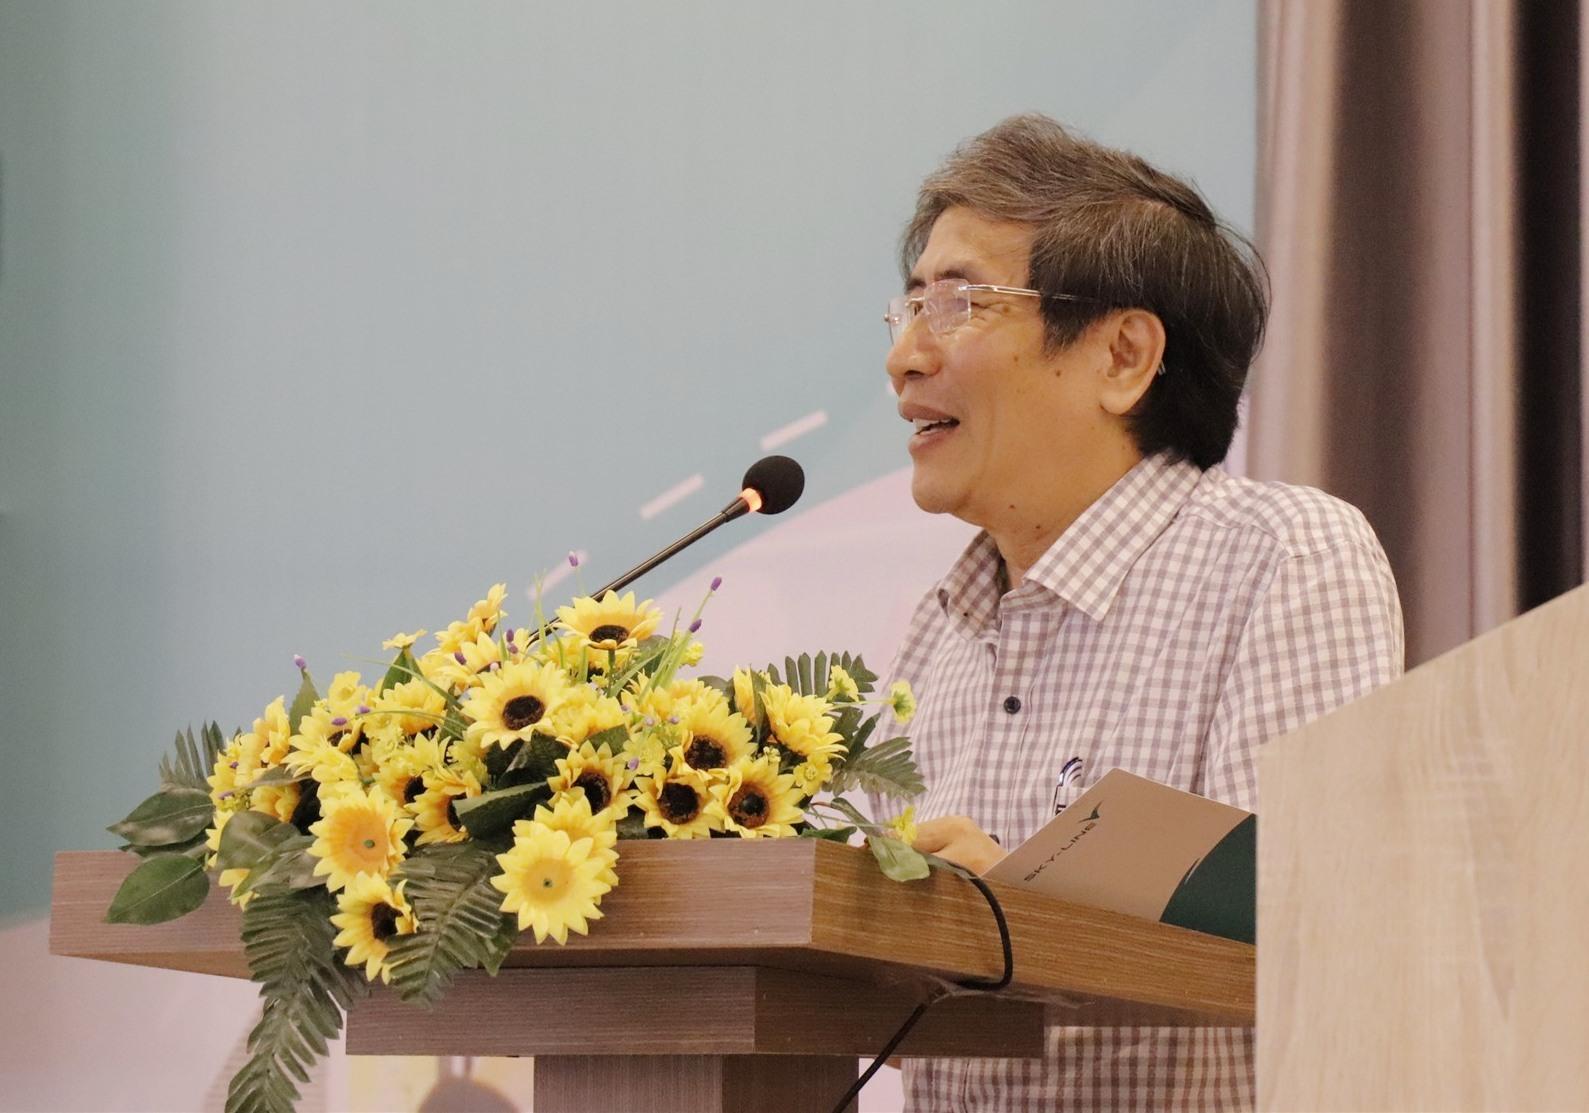 TS.Vũ Đình Chuẩn phát biểu tại Hội thảo Sơ kết 5 Đề án Đổi mới giáo dục của Sky -Line ngày 4.7.2020. Ảnh NTB